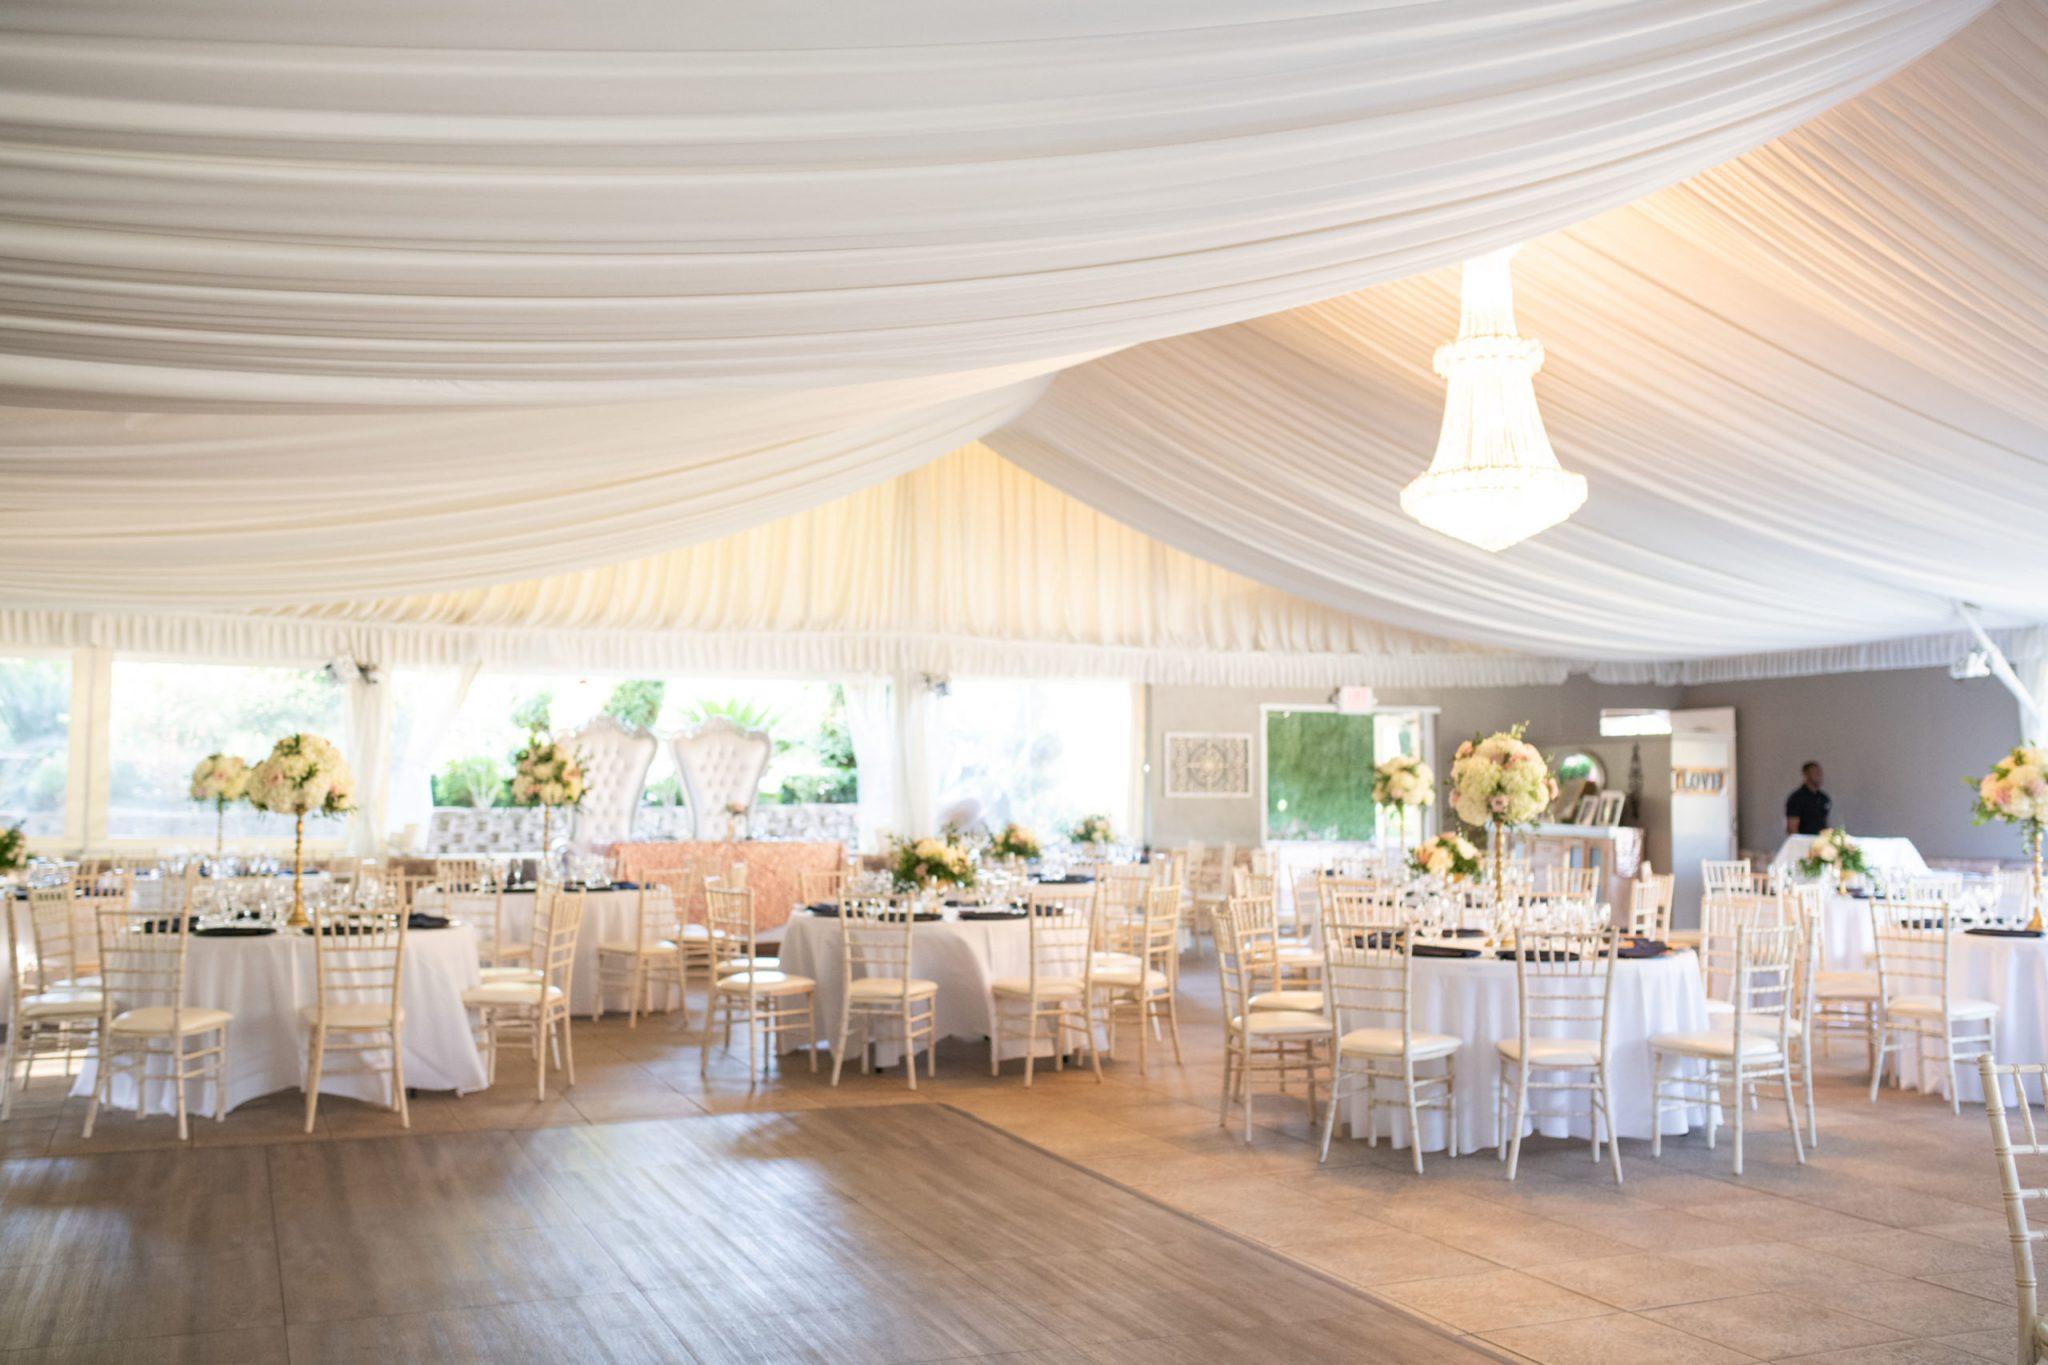 Matt Chrissy Wedding 5027 scaled